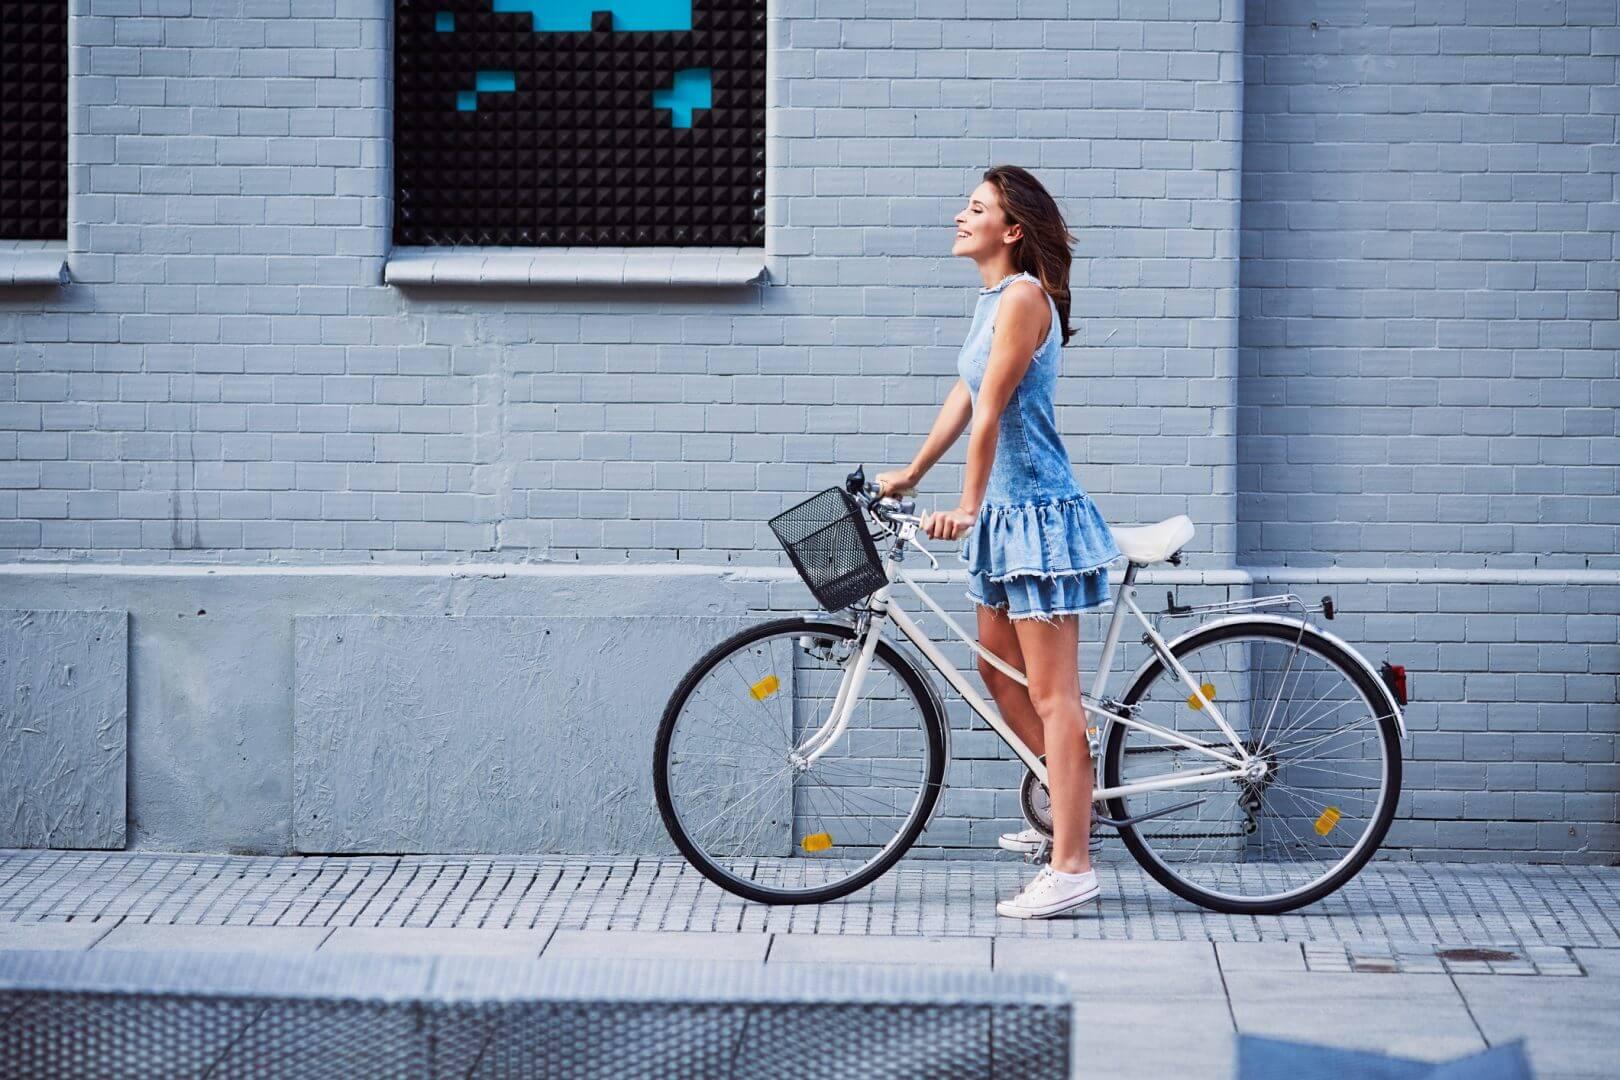 Ubezpieczenie roweru – co powinno zawierać?